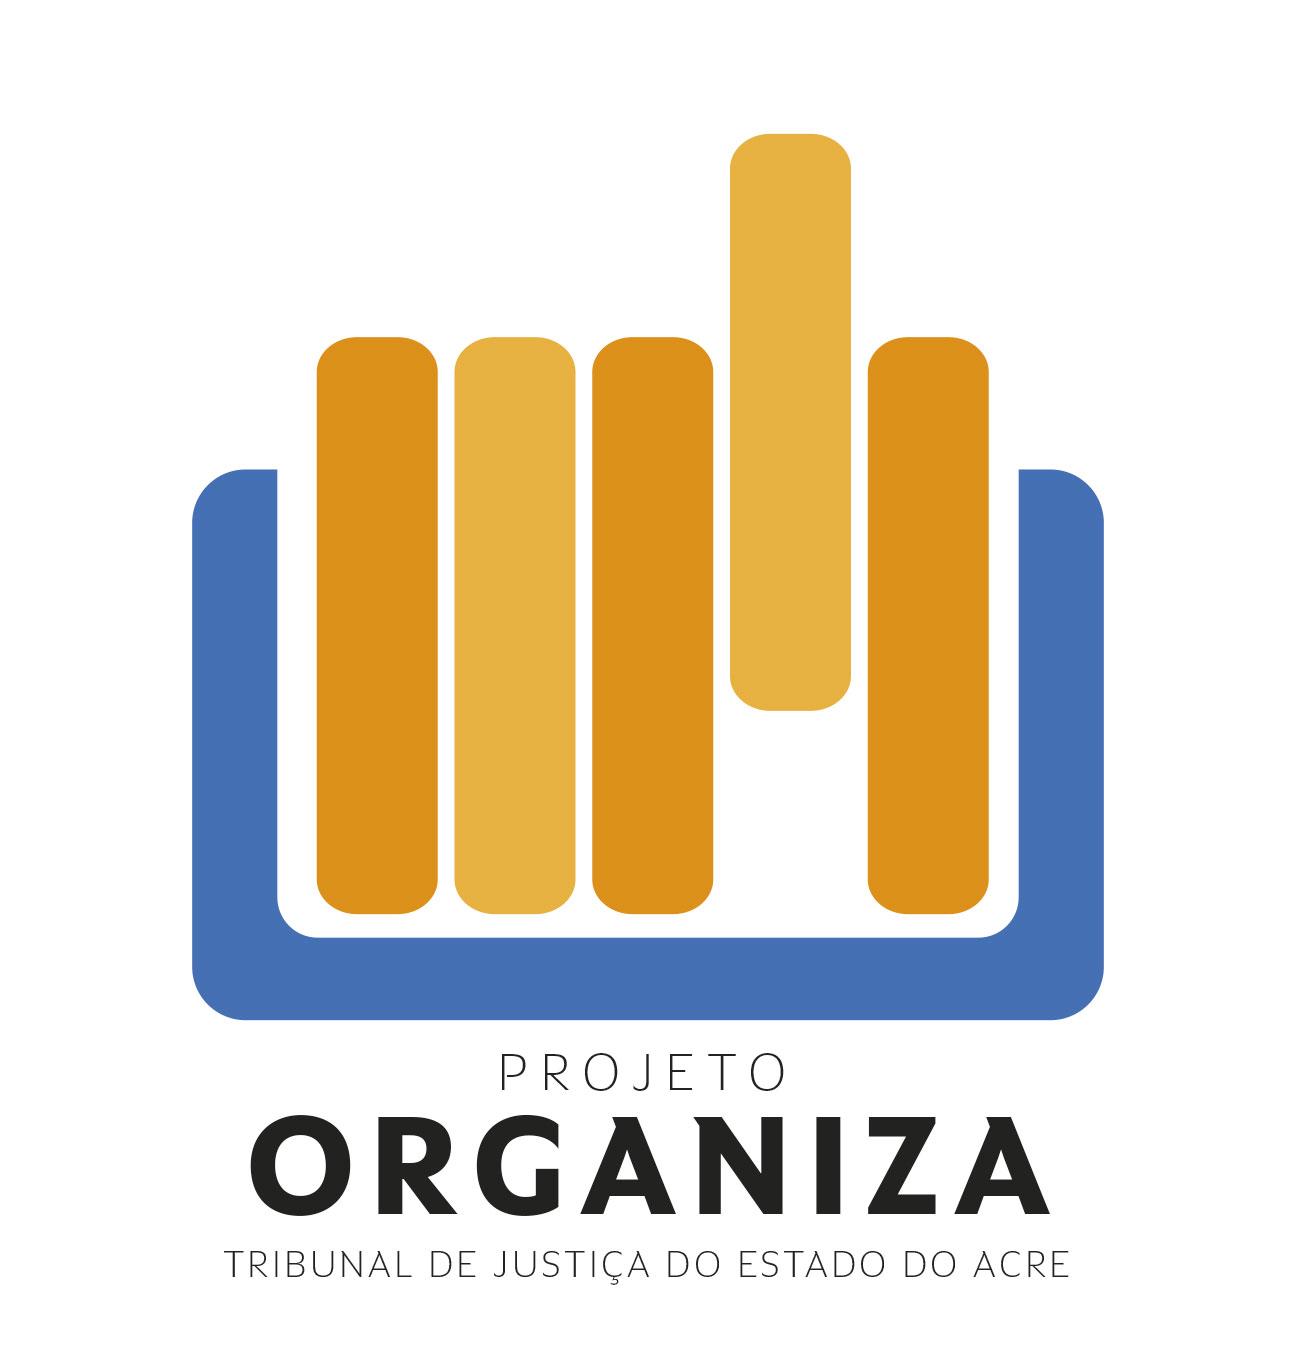 https://www.tjac.jus.br/projeto-organiza/